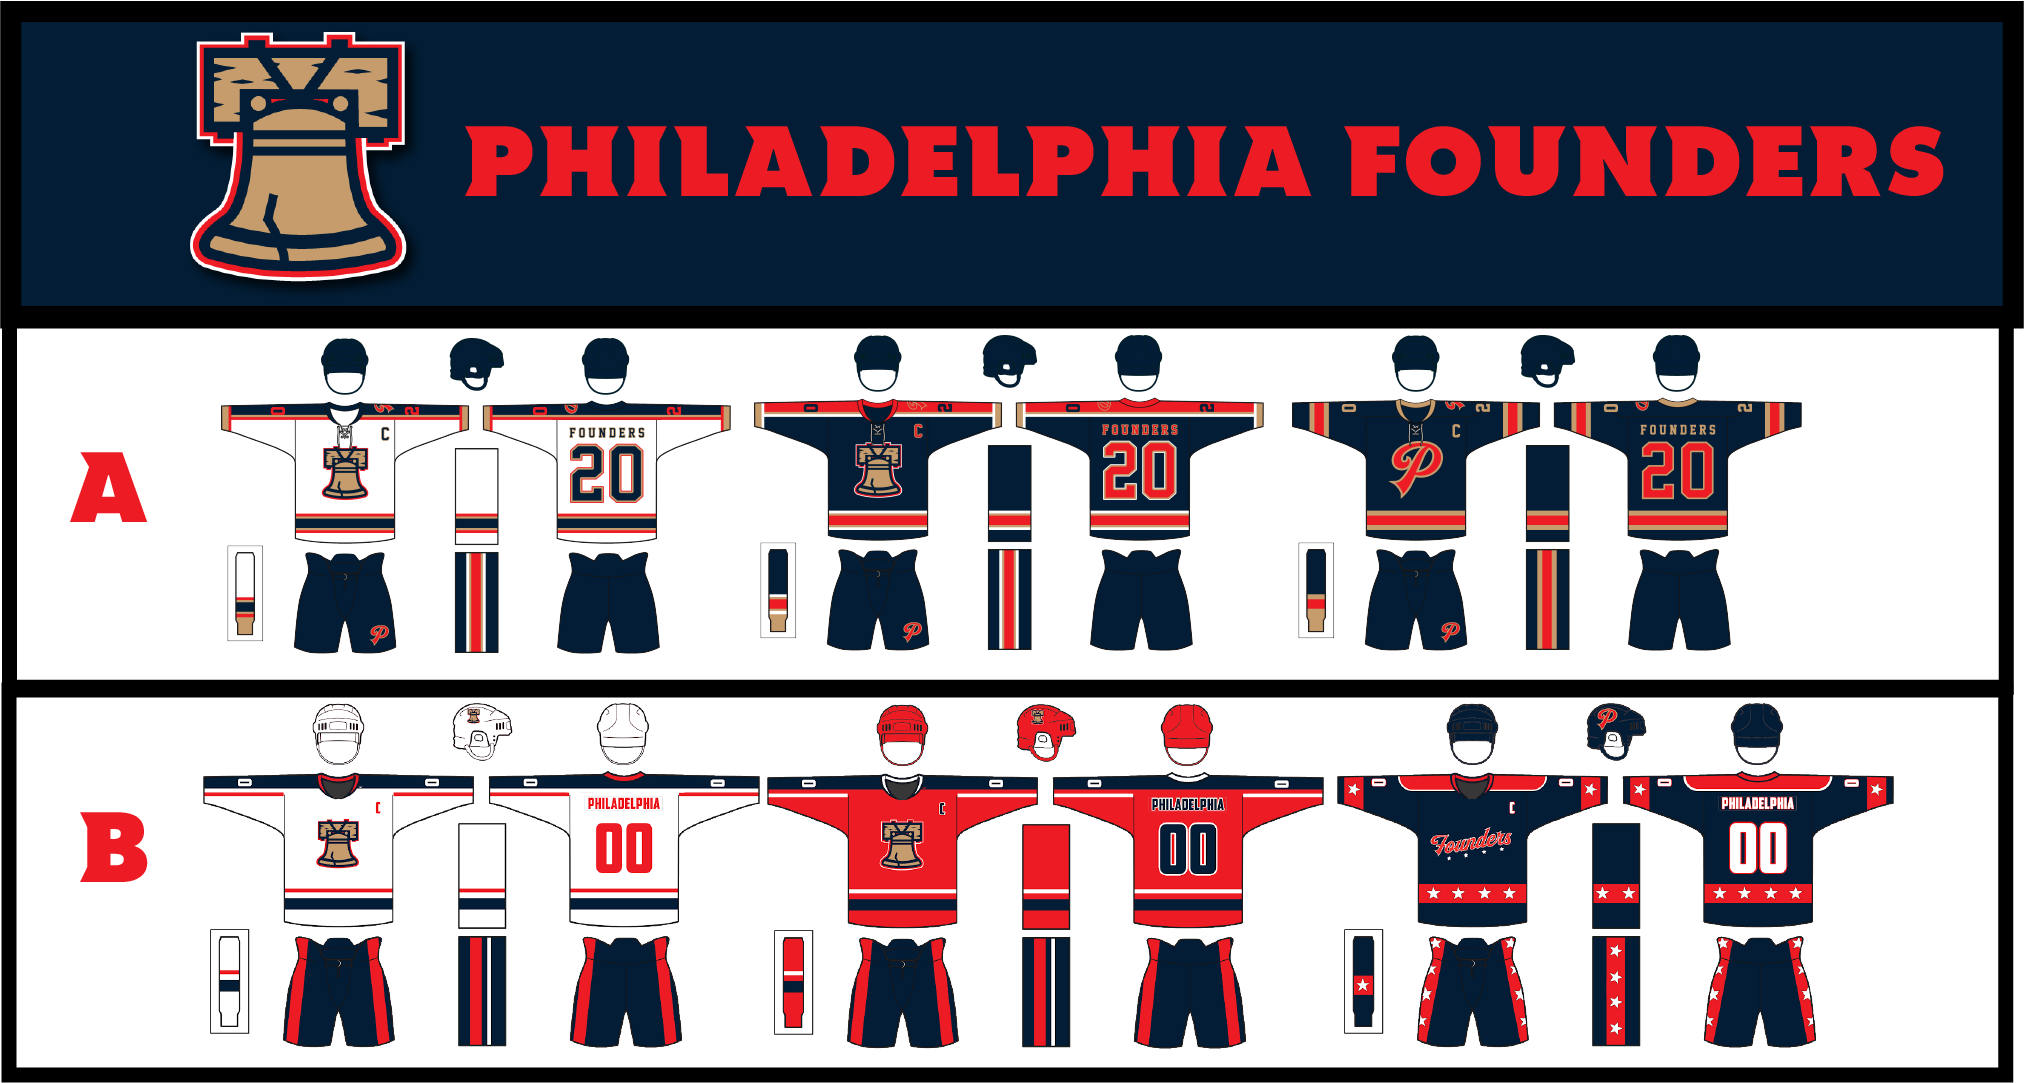 https://i.ibb.co/Fws5xwW/Philadelphia-Founders-Jerseys.png